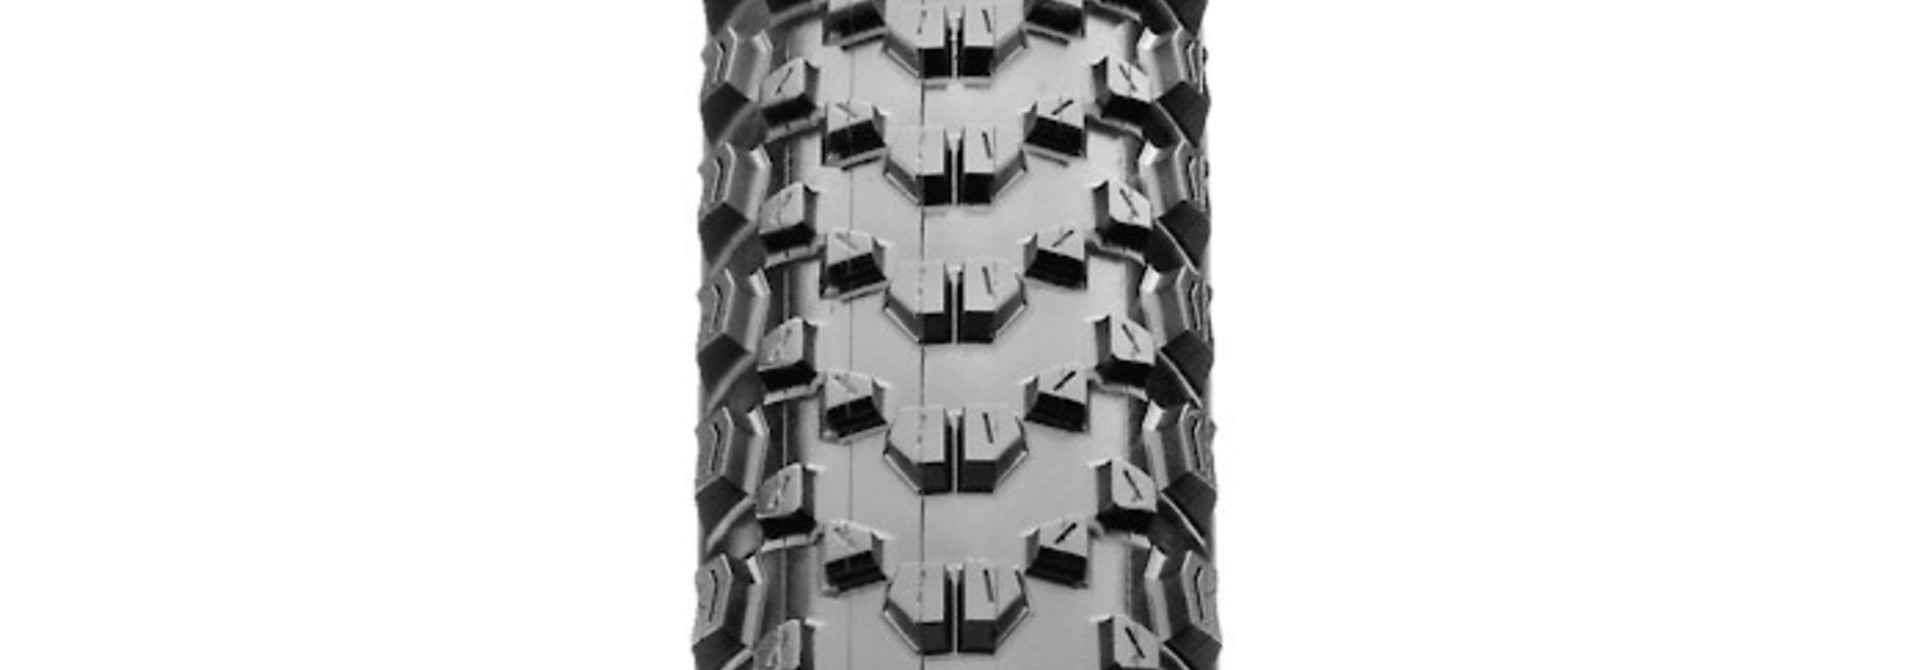 Maxxis Ikon Tire - 26 x 2.2, Clincher, Wire Bead, Black